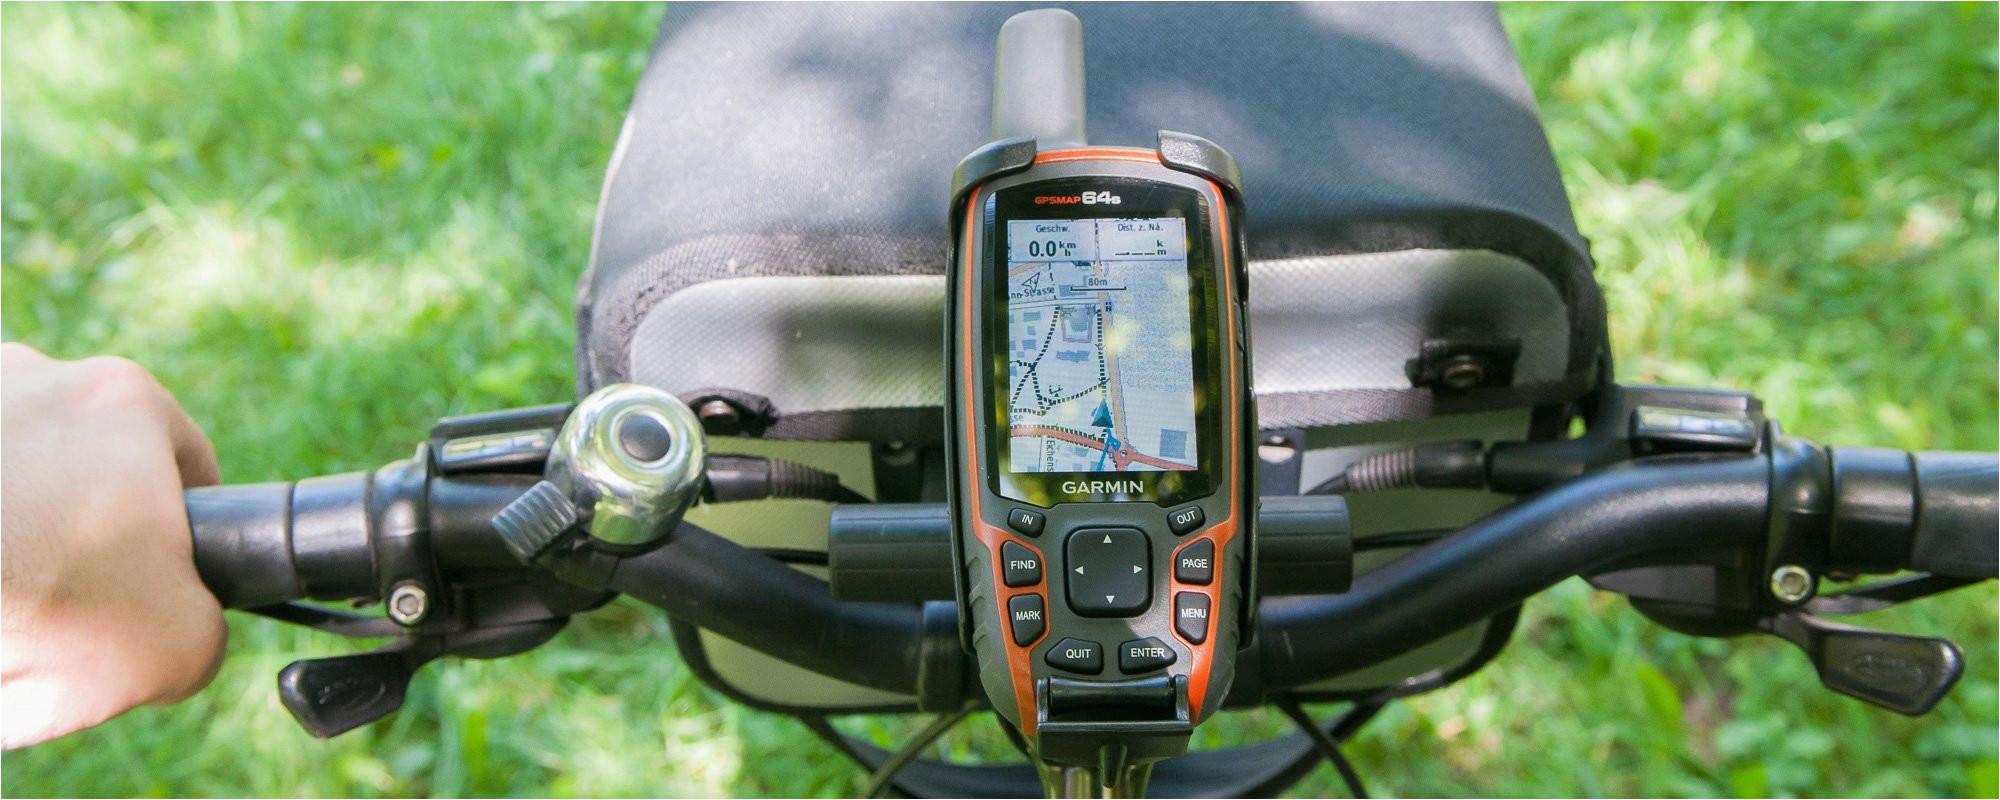 Maps for Garmin oregon 600 A Garmin Gpsmap 64s Test Robustes Outdoor Gps Gerat